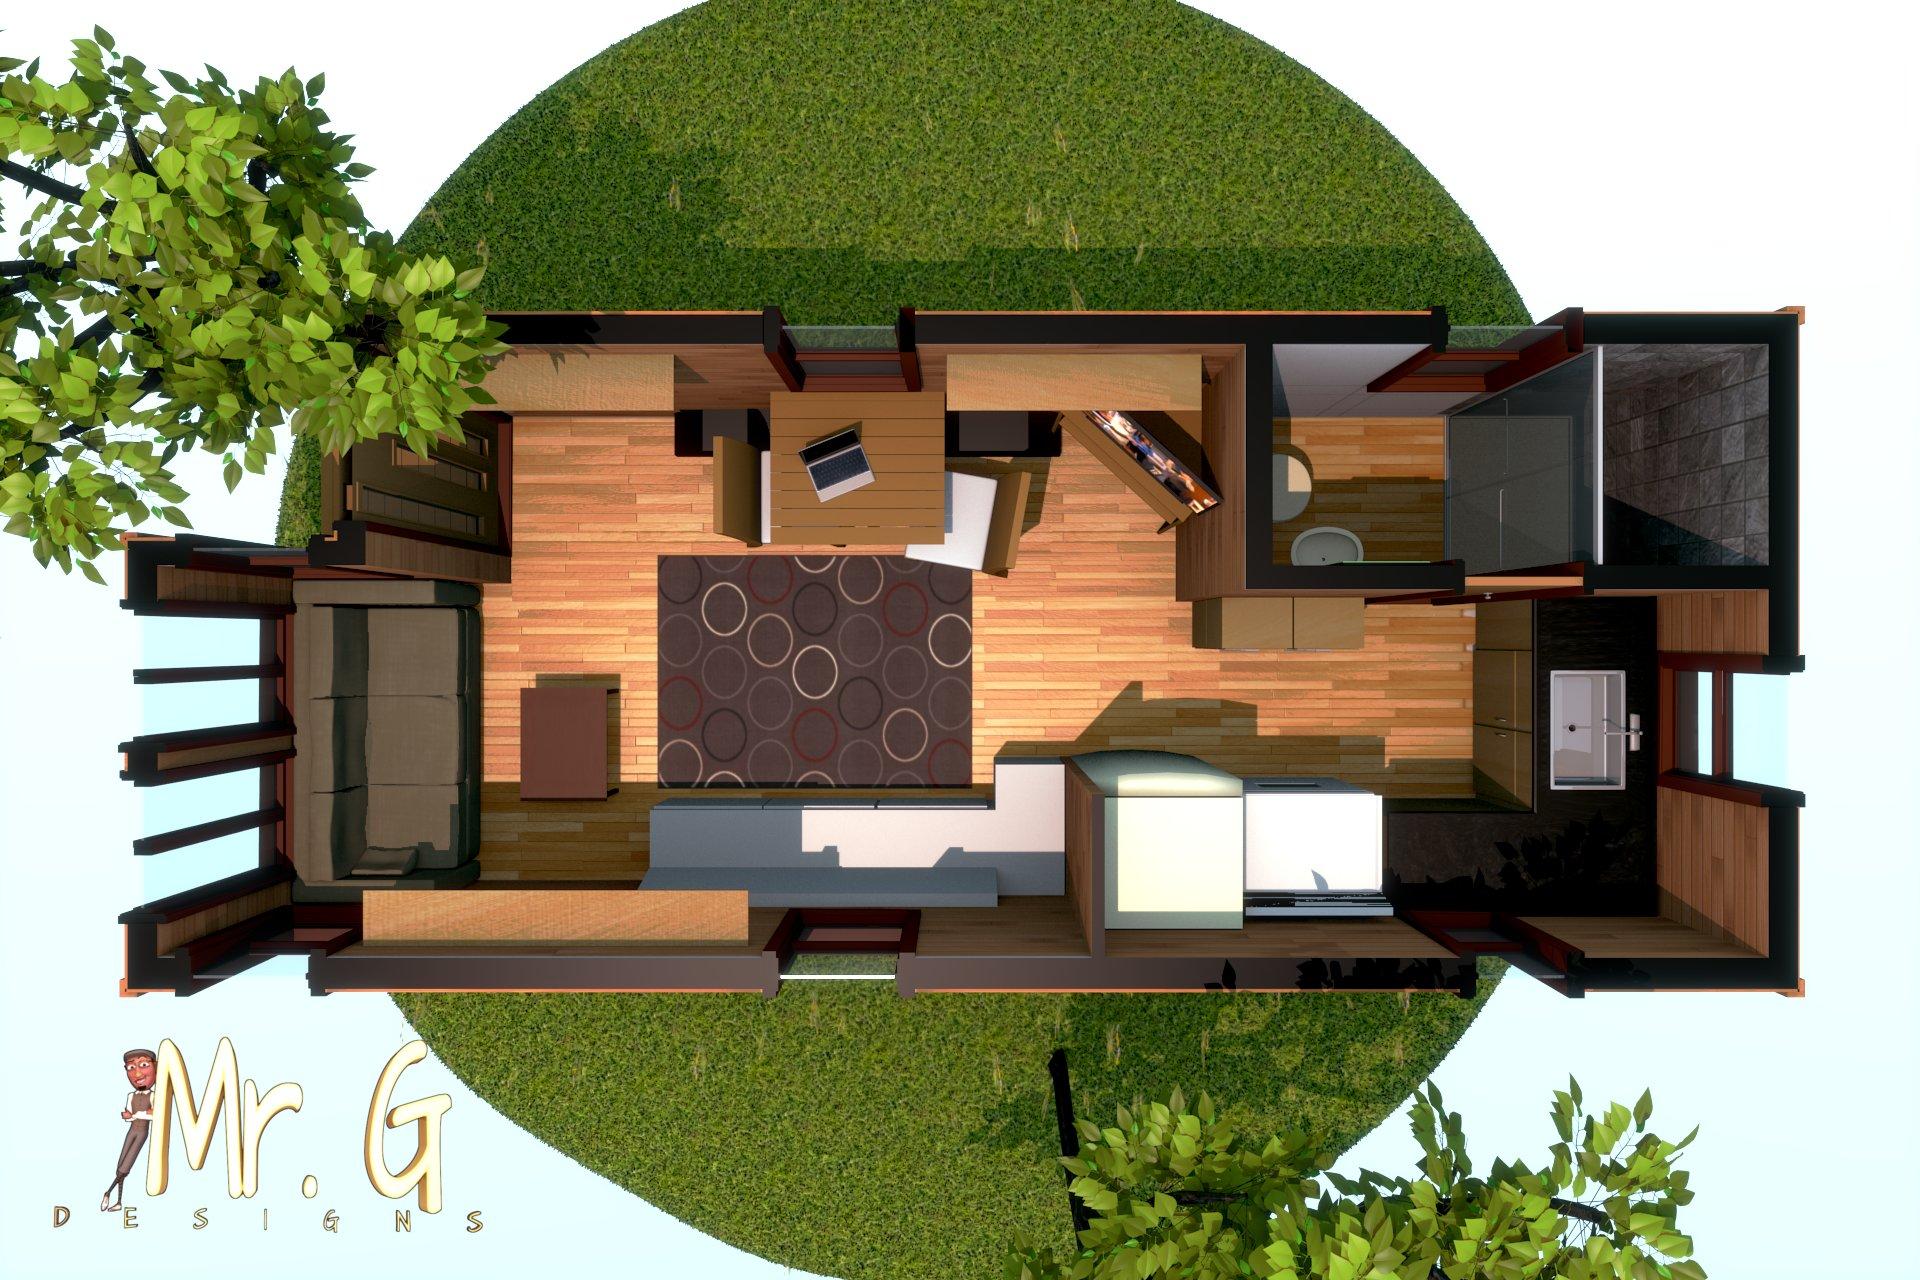 garrett s tiny house 3d floor plan model